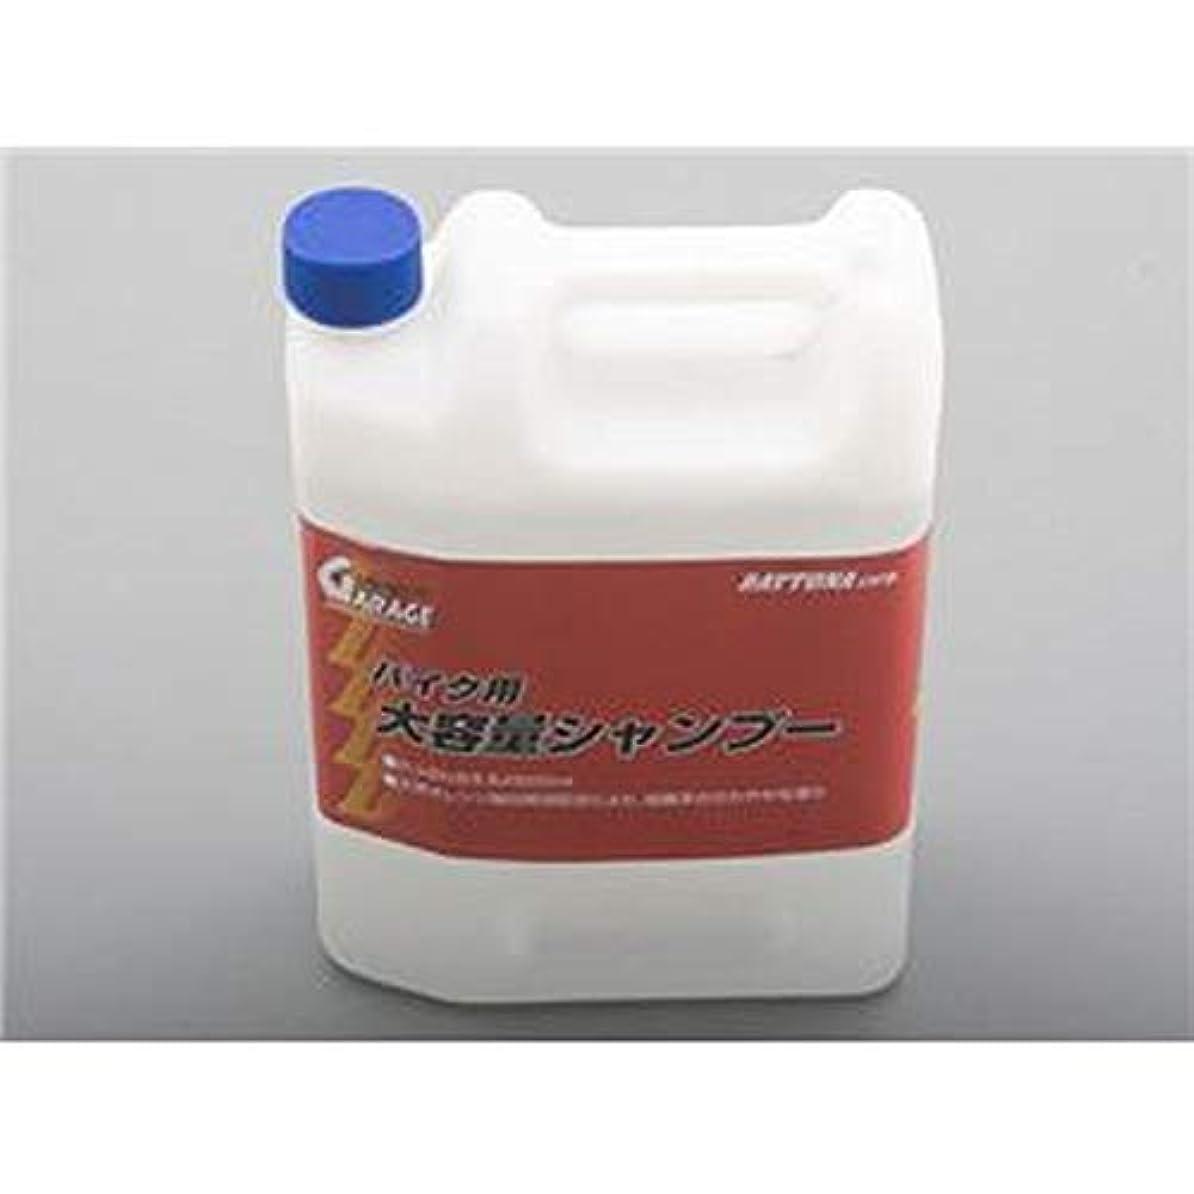 漫画乳製品コンテスト-DAYTONA/デイトナ-バイク用大容量シャンプー